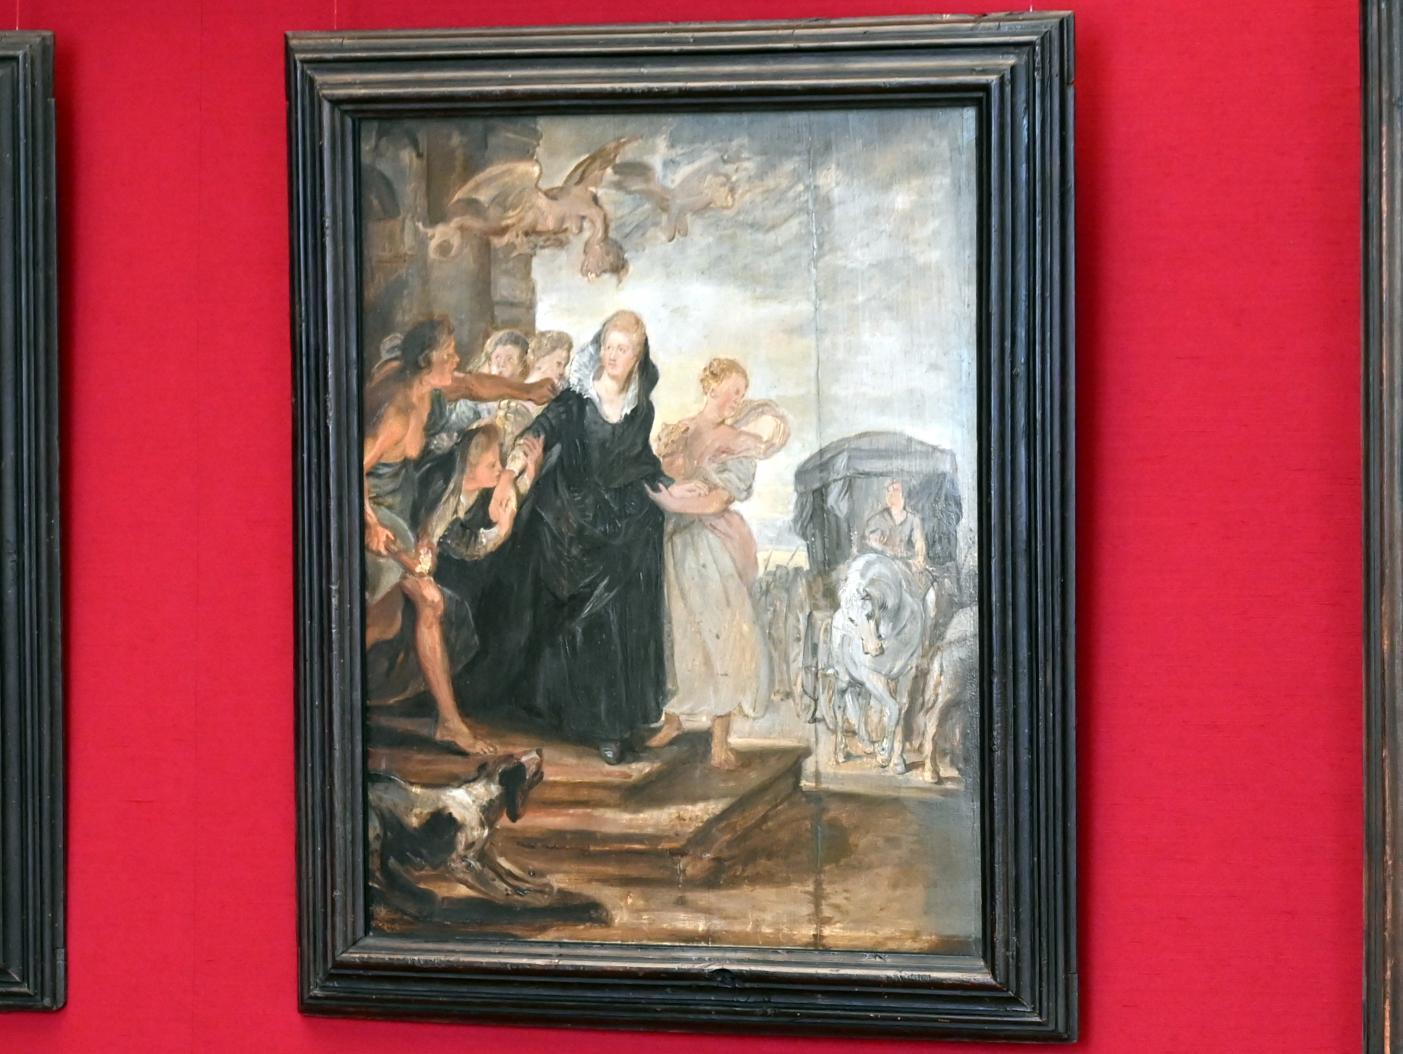 Peter Paul Rubens: Der Weggang aus Paris (Skizze zum Medici-Zyklus), 1622